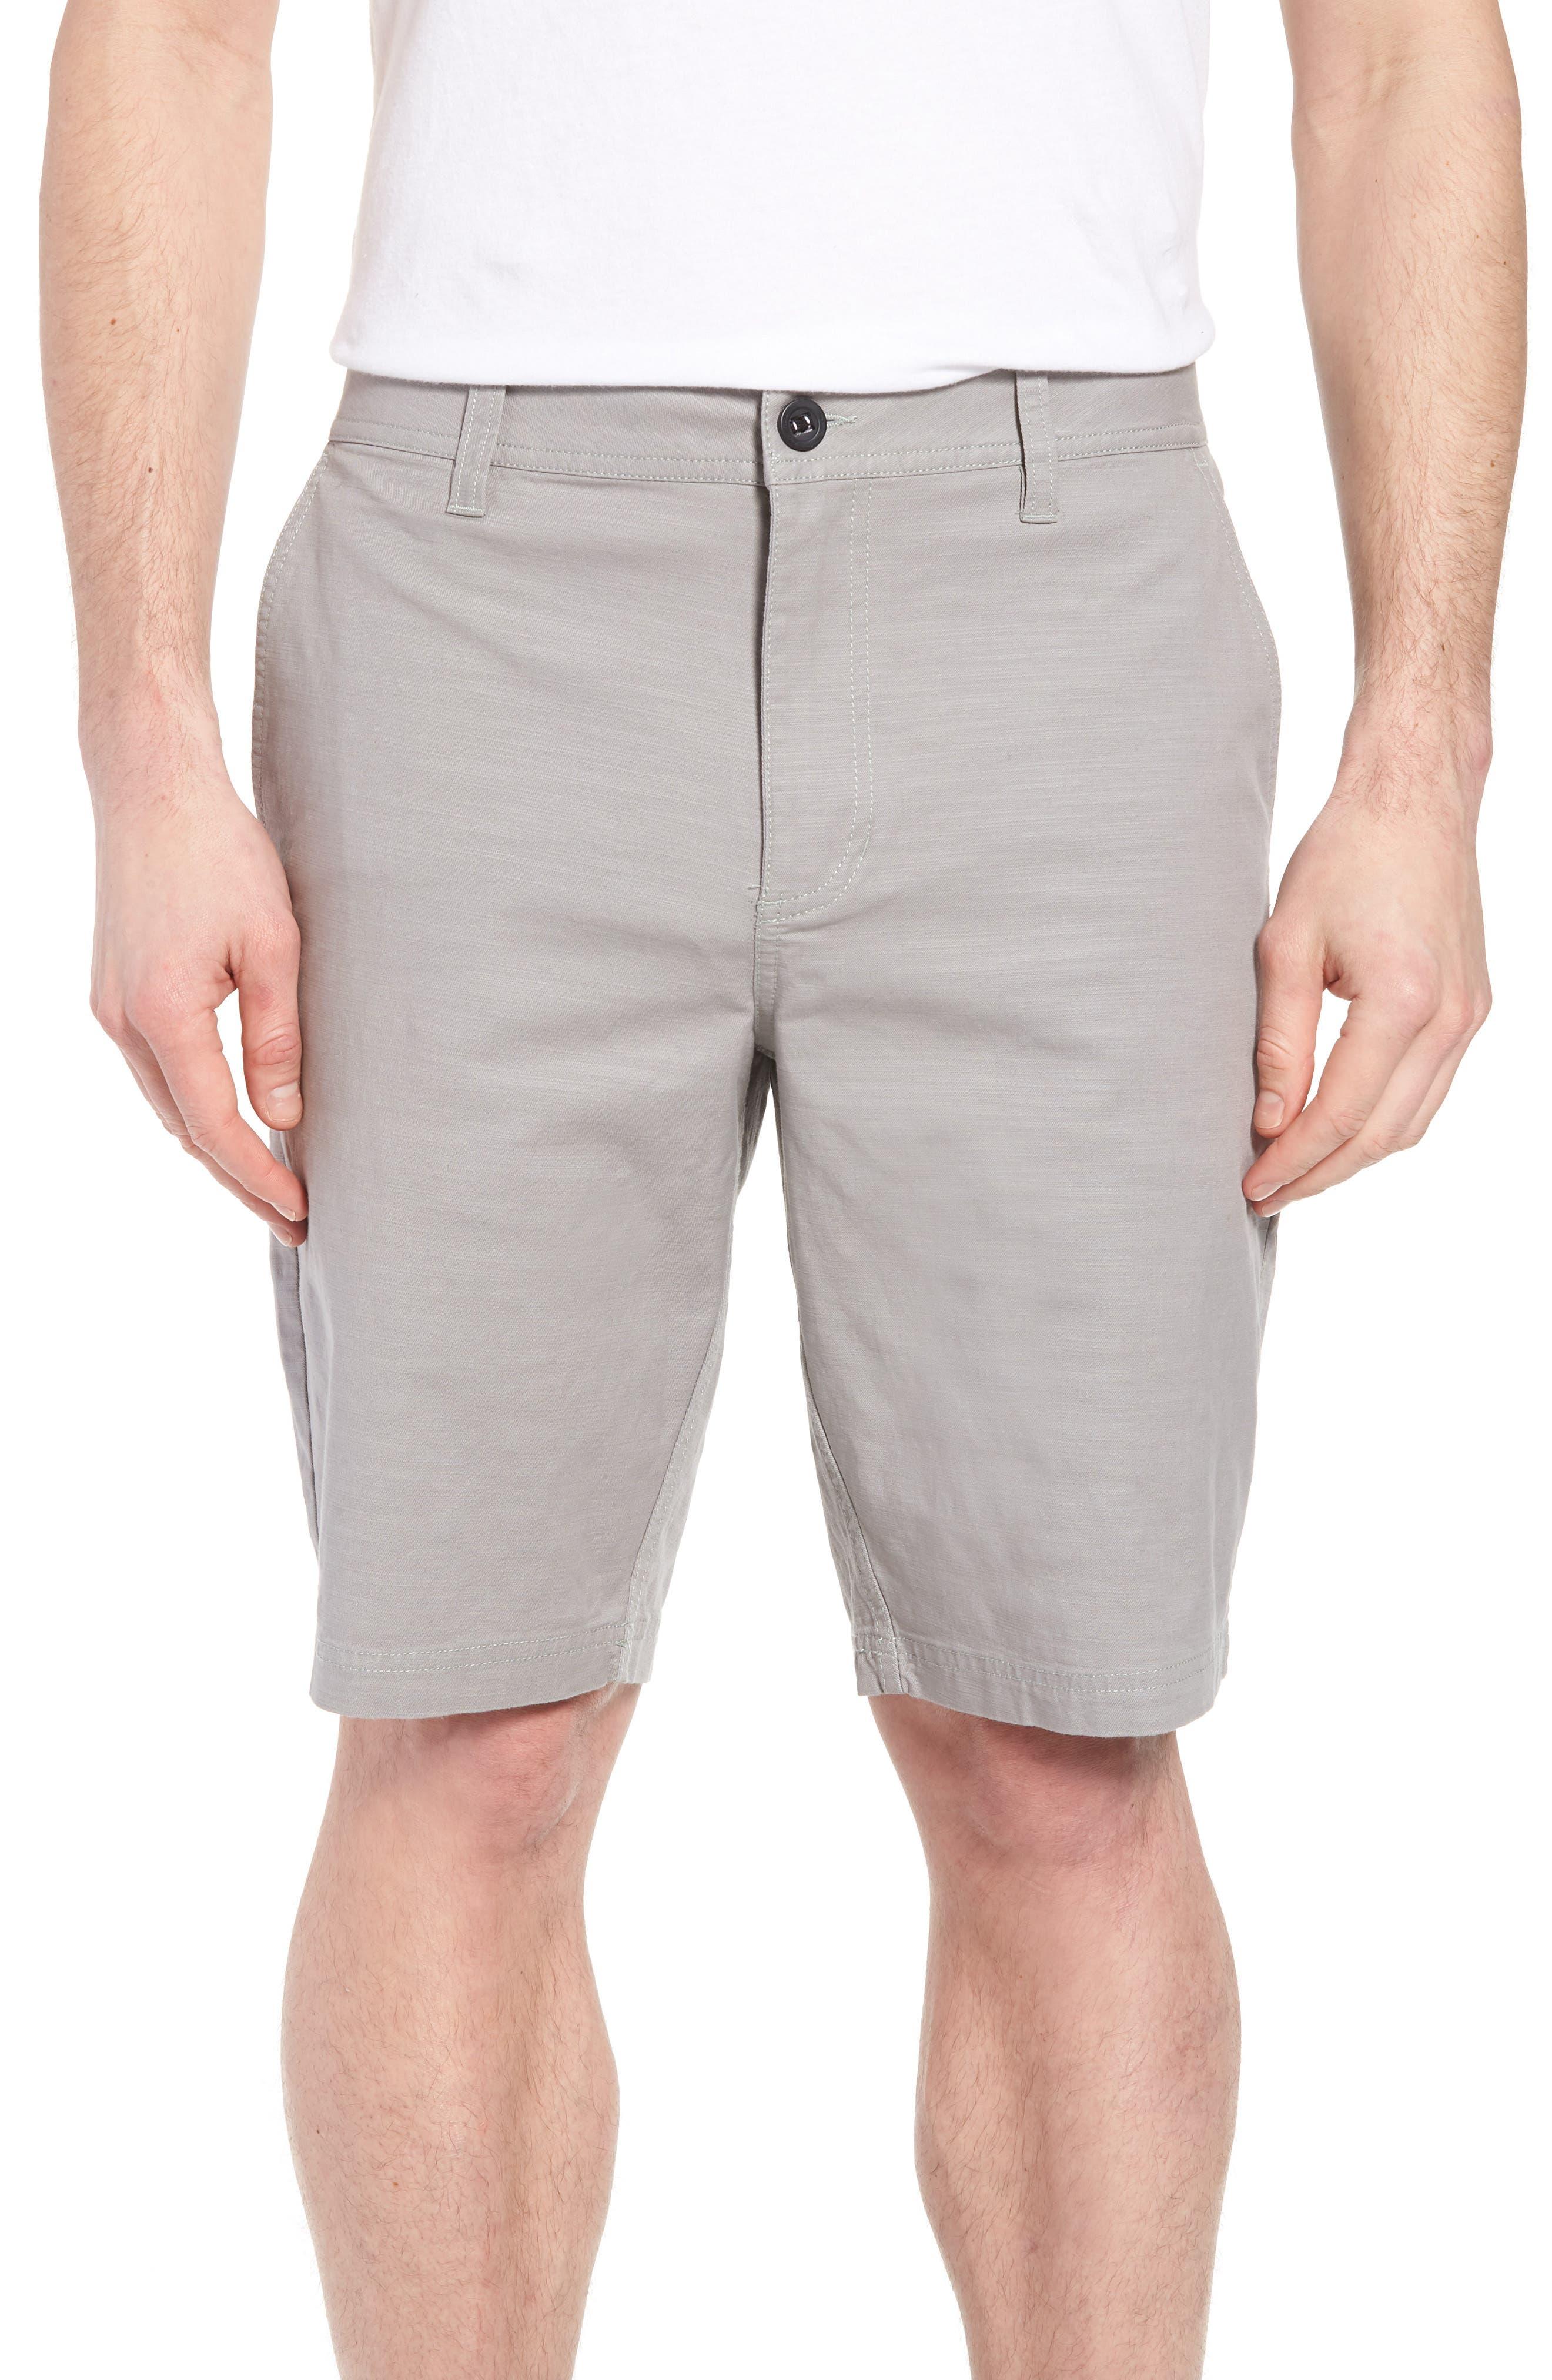 Jay Stretch Chino Shorts,                             Main thumbnail 1, color,                             LIGHT GREY